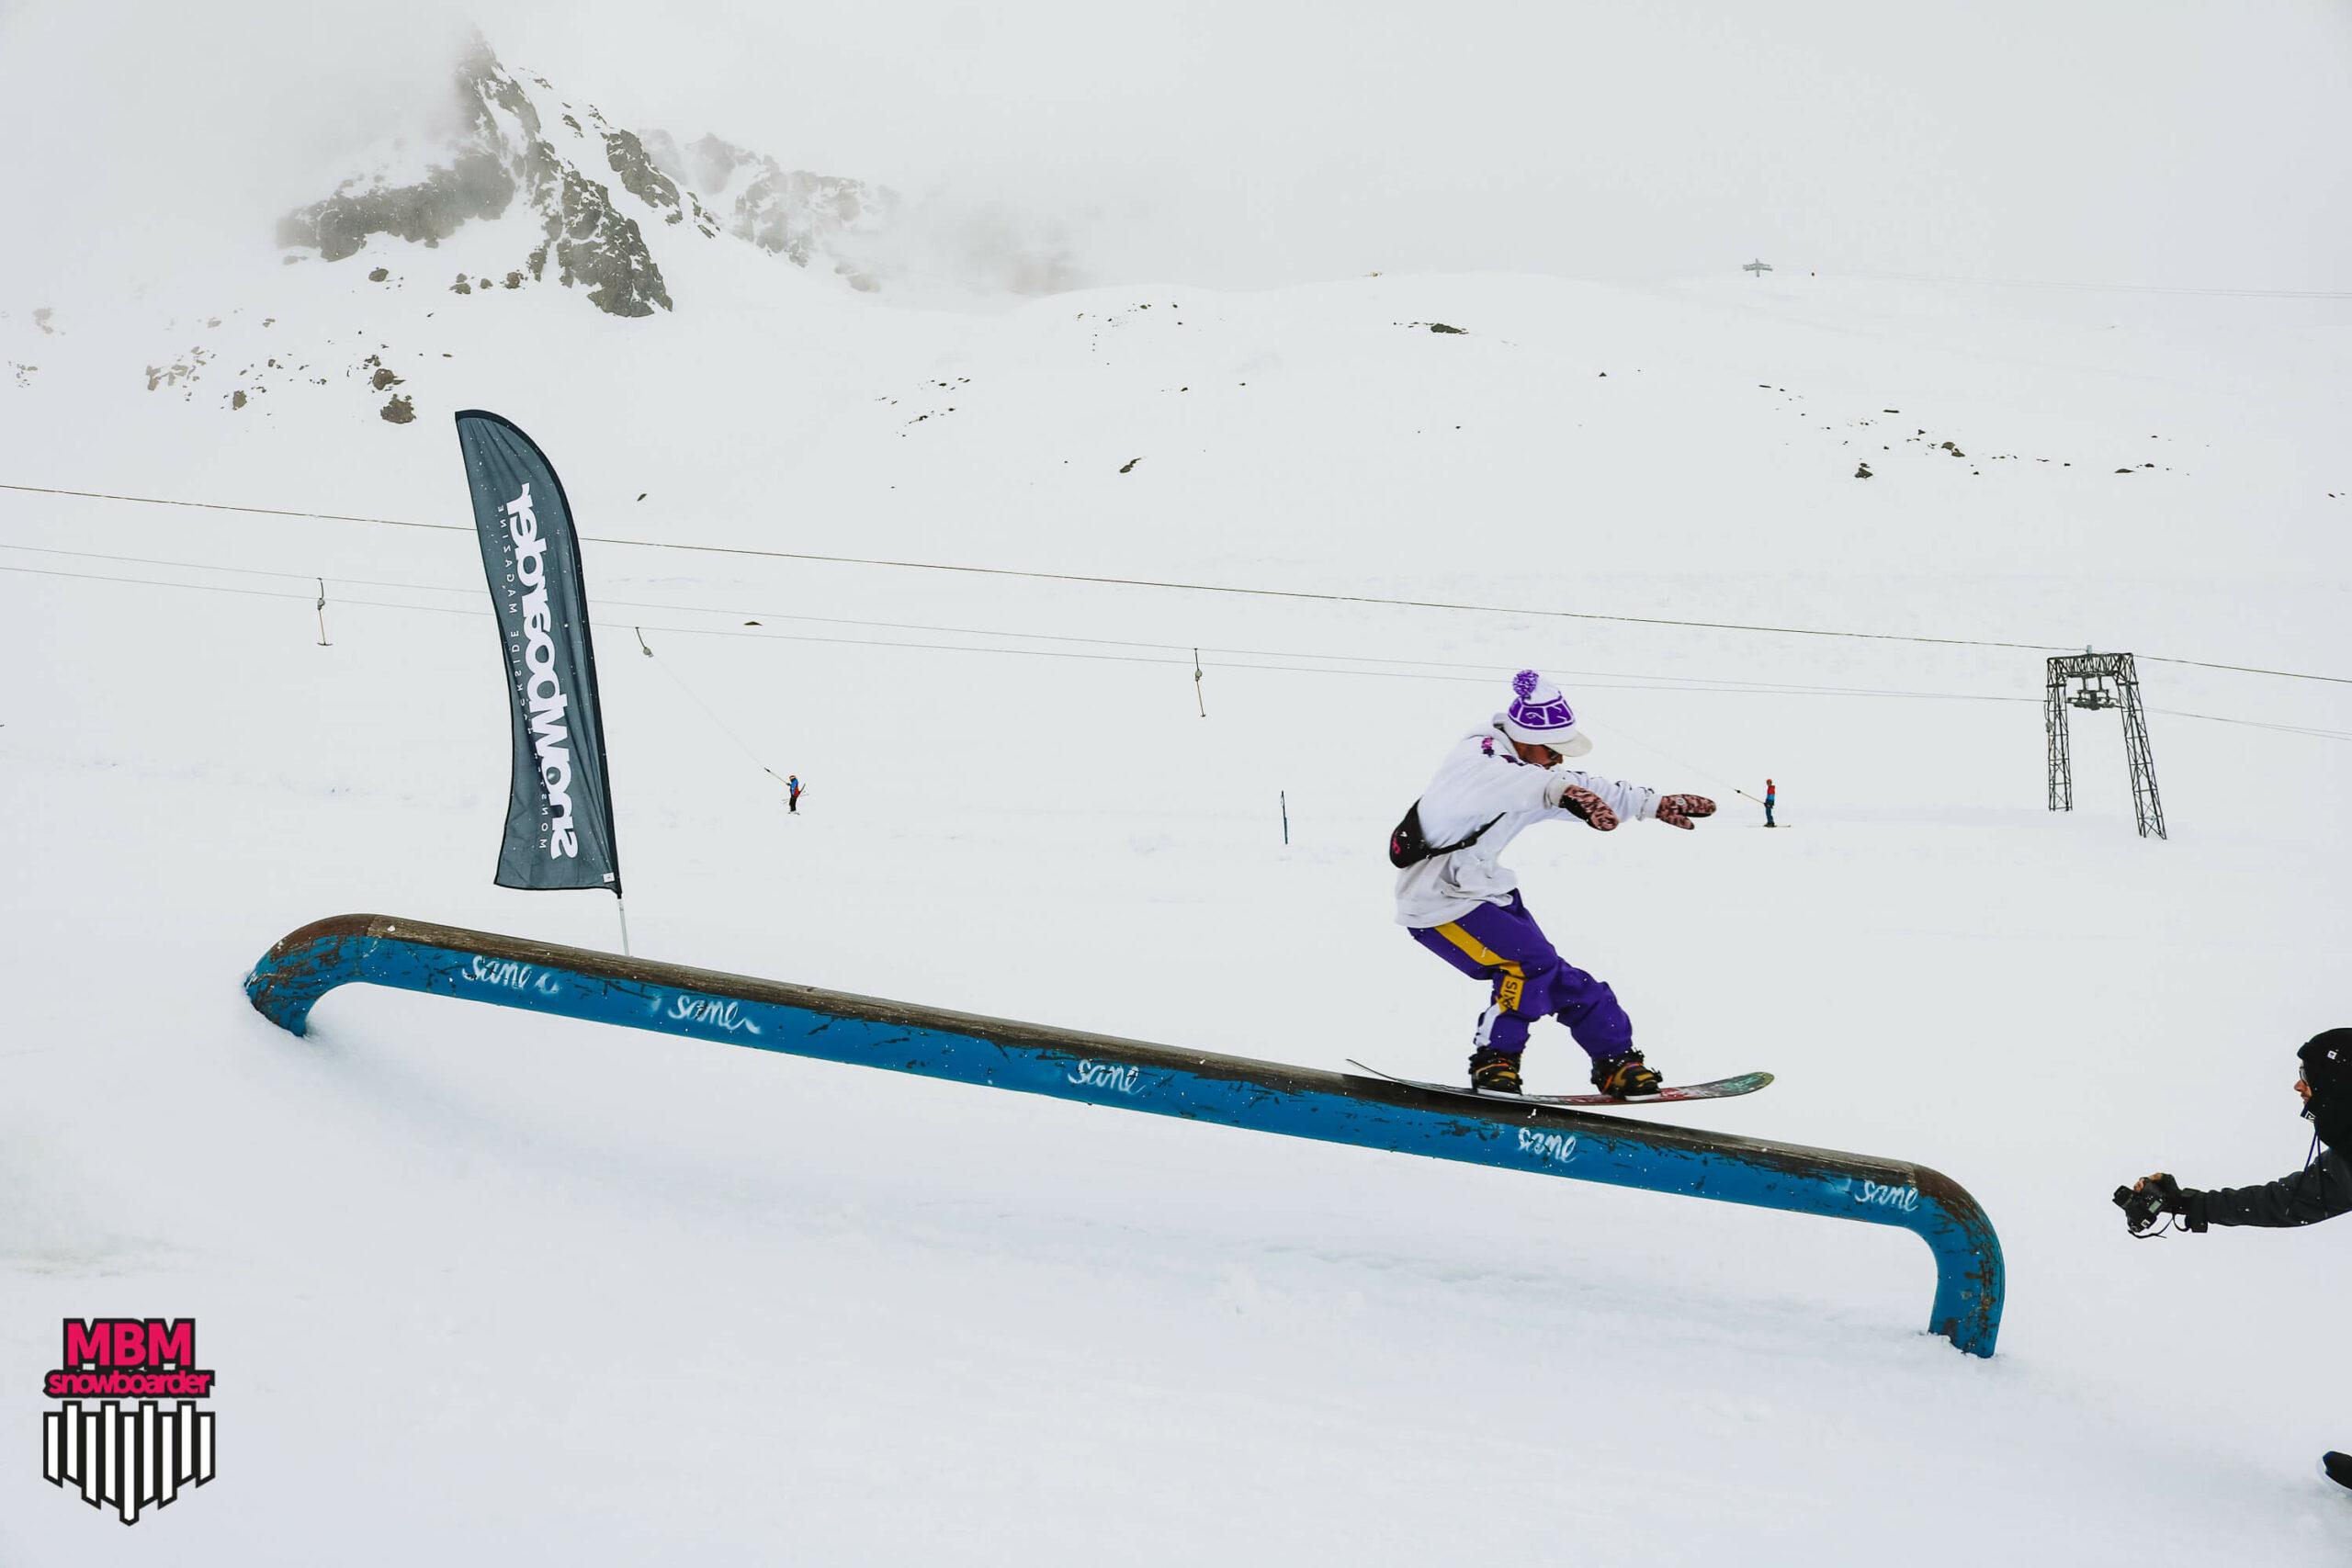 snowboarderMBM_sd_kaunertal_119